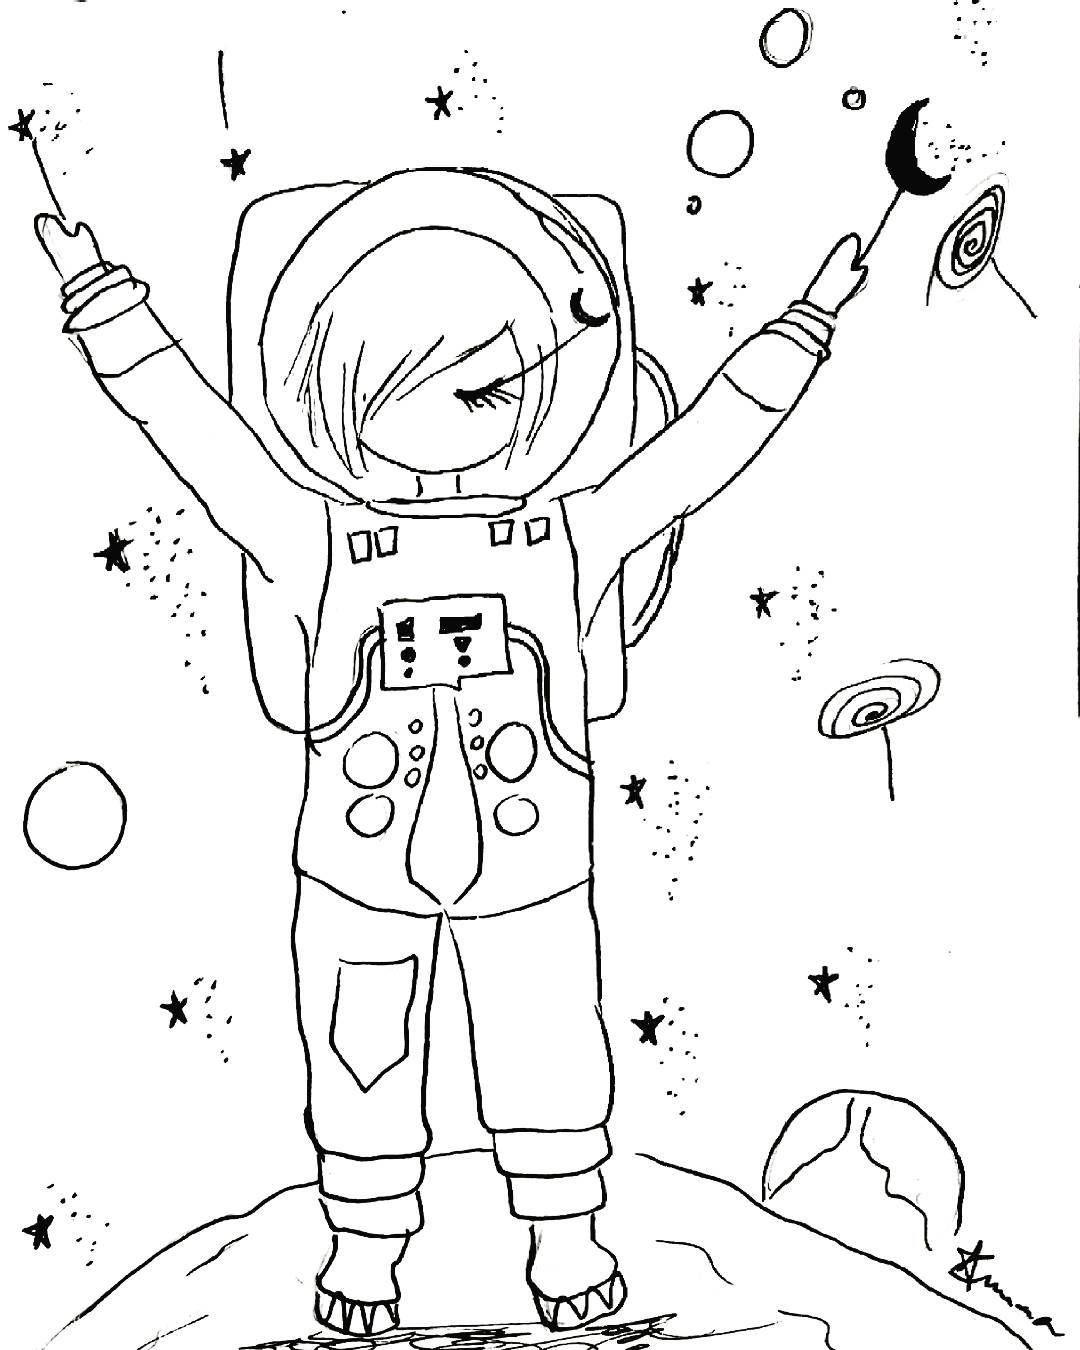 provocative-planet-pics-please.tumblr.com #spacegirl #